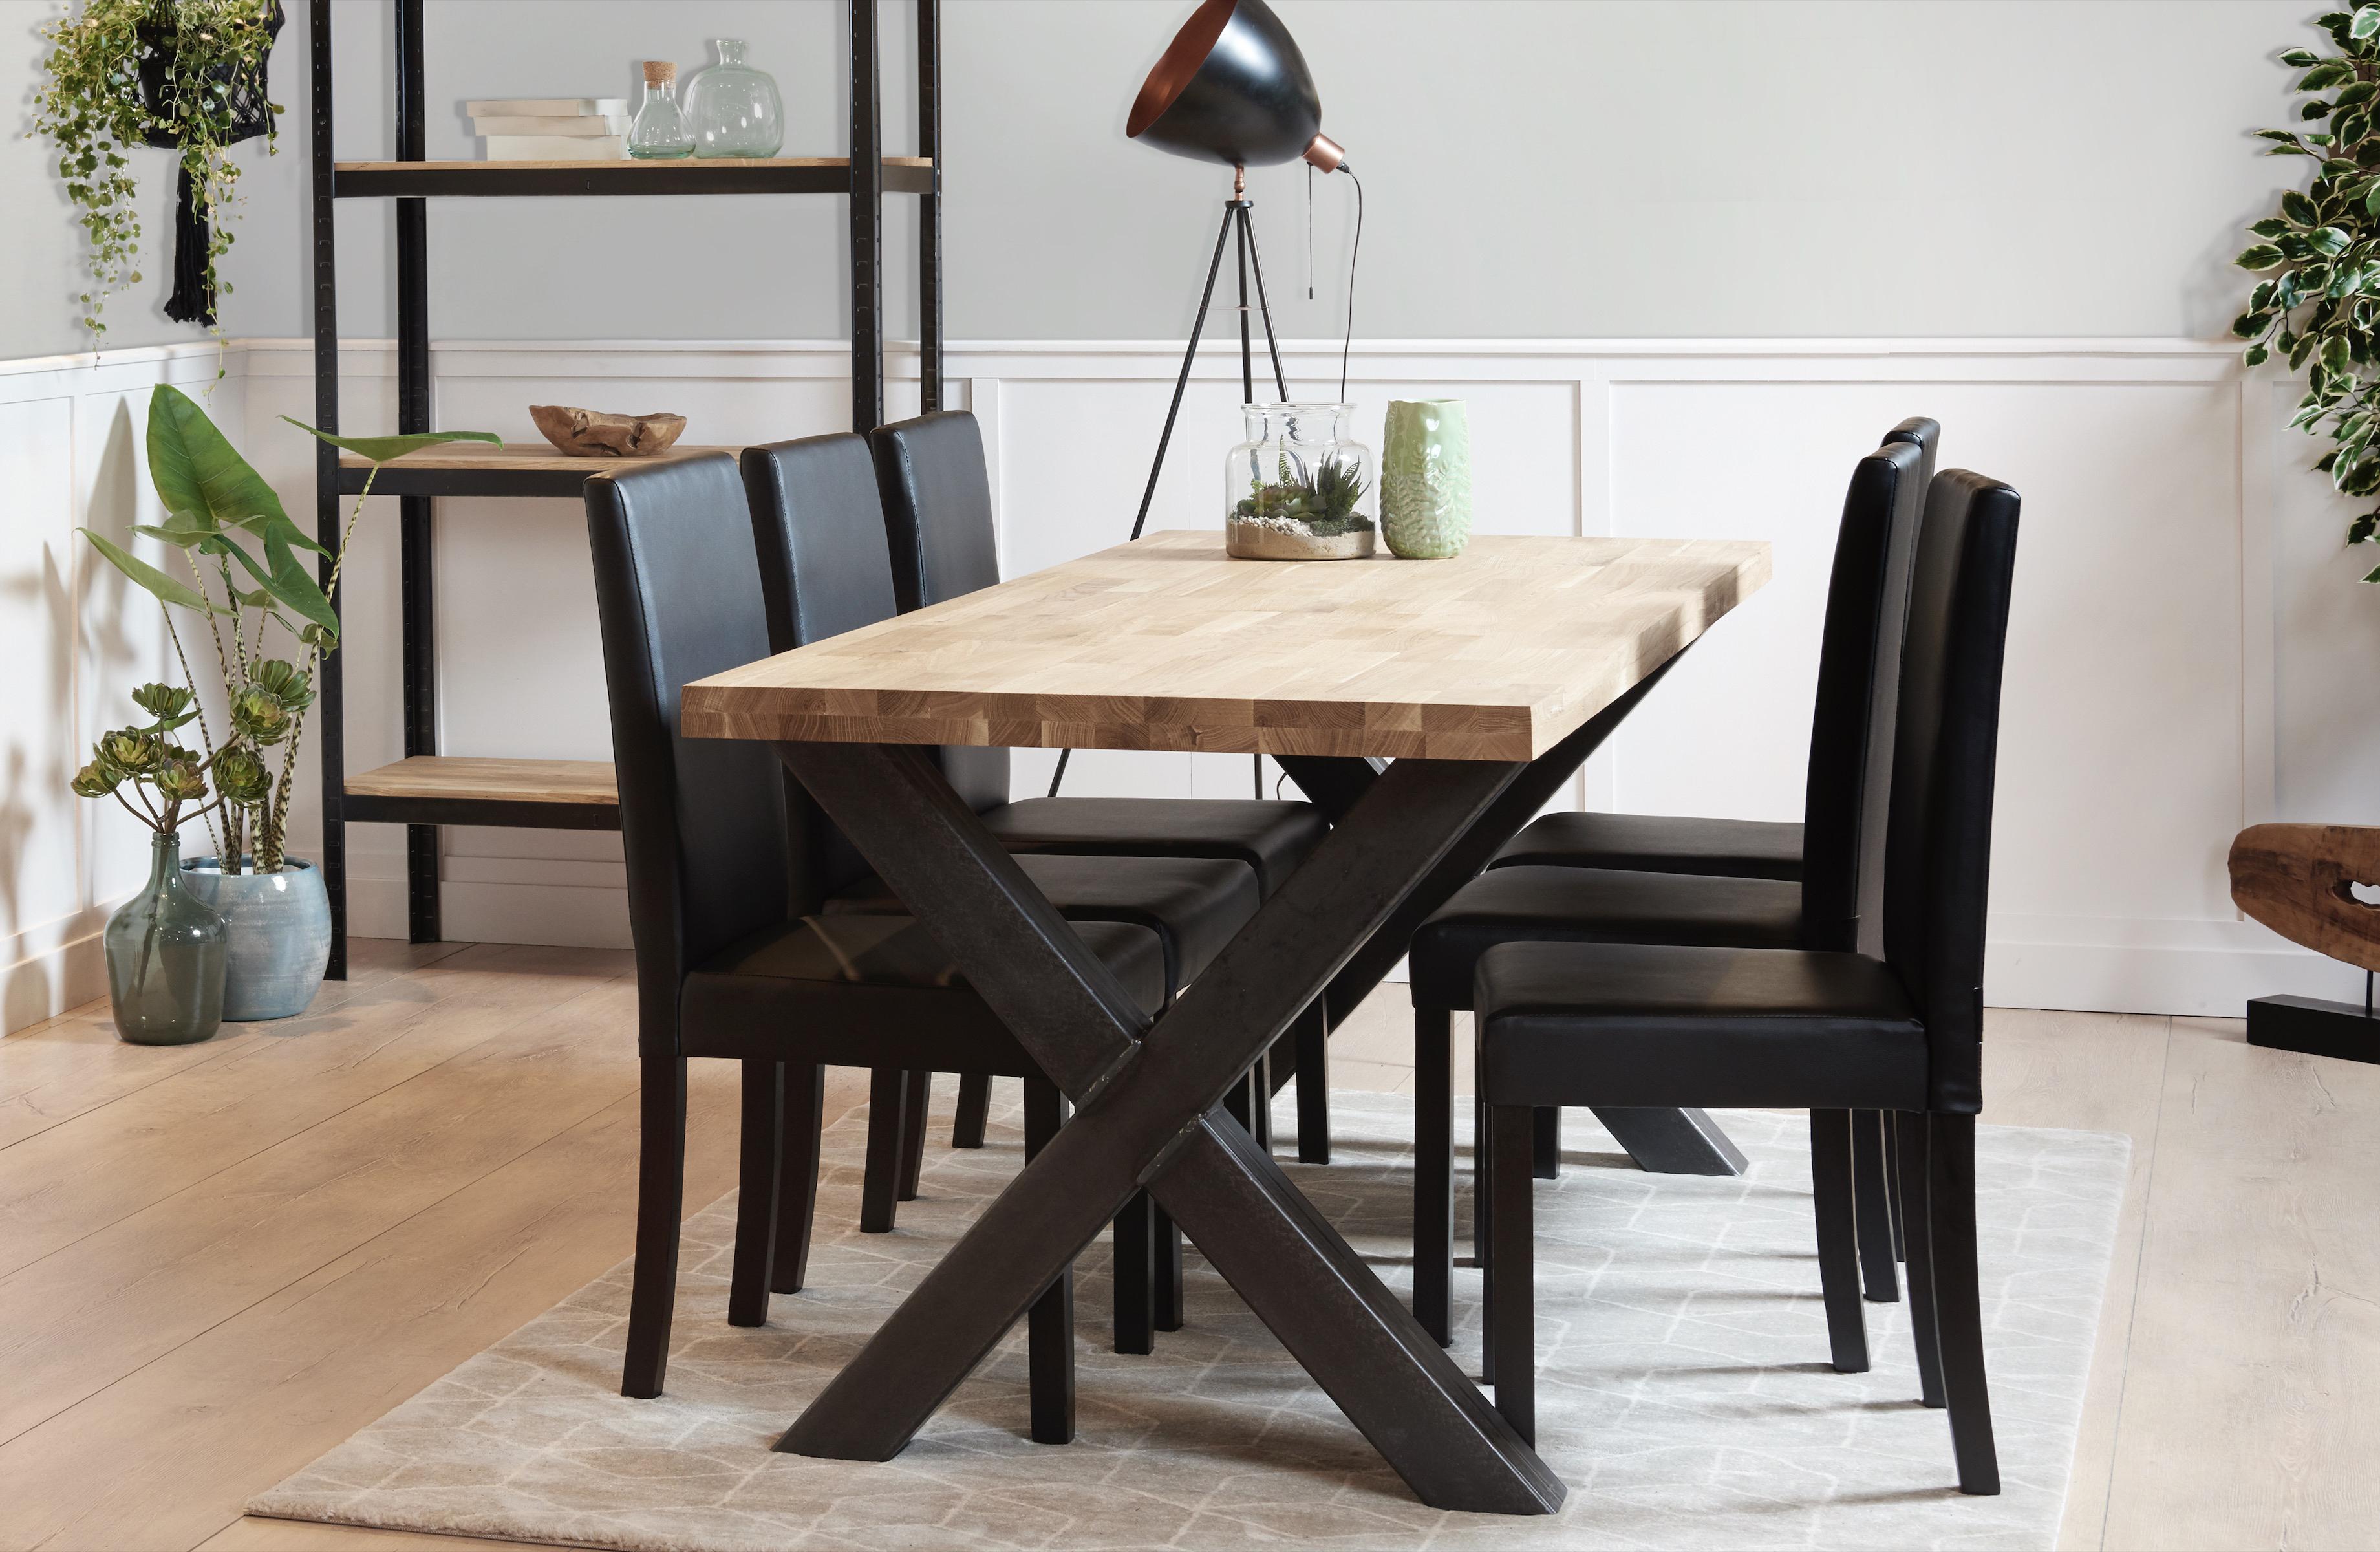 Ikea kast verven 146hul. amazing excellent ikea malsj livingroom